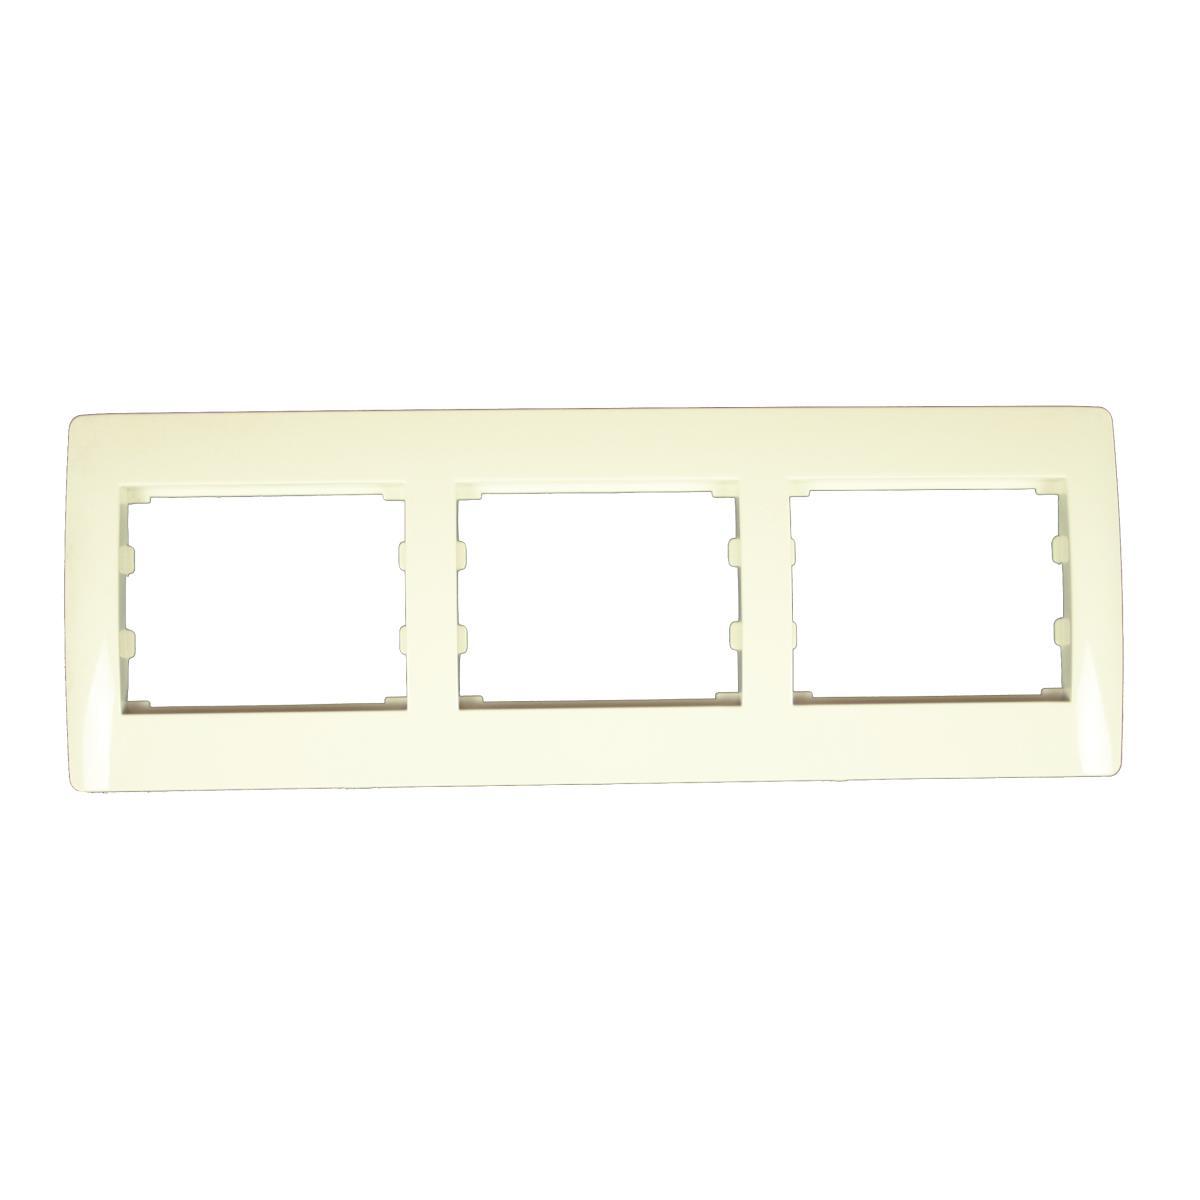 Dreifach 3-fach Rahmen Steckdose Schalter Lichtschalter creme weiß Serie TAILI,Vagner SDH,TL1145CRM, 4770364043901